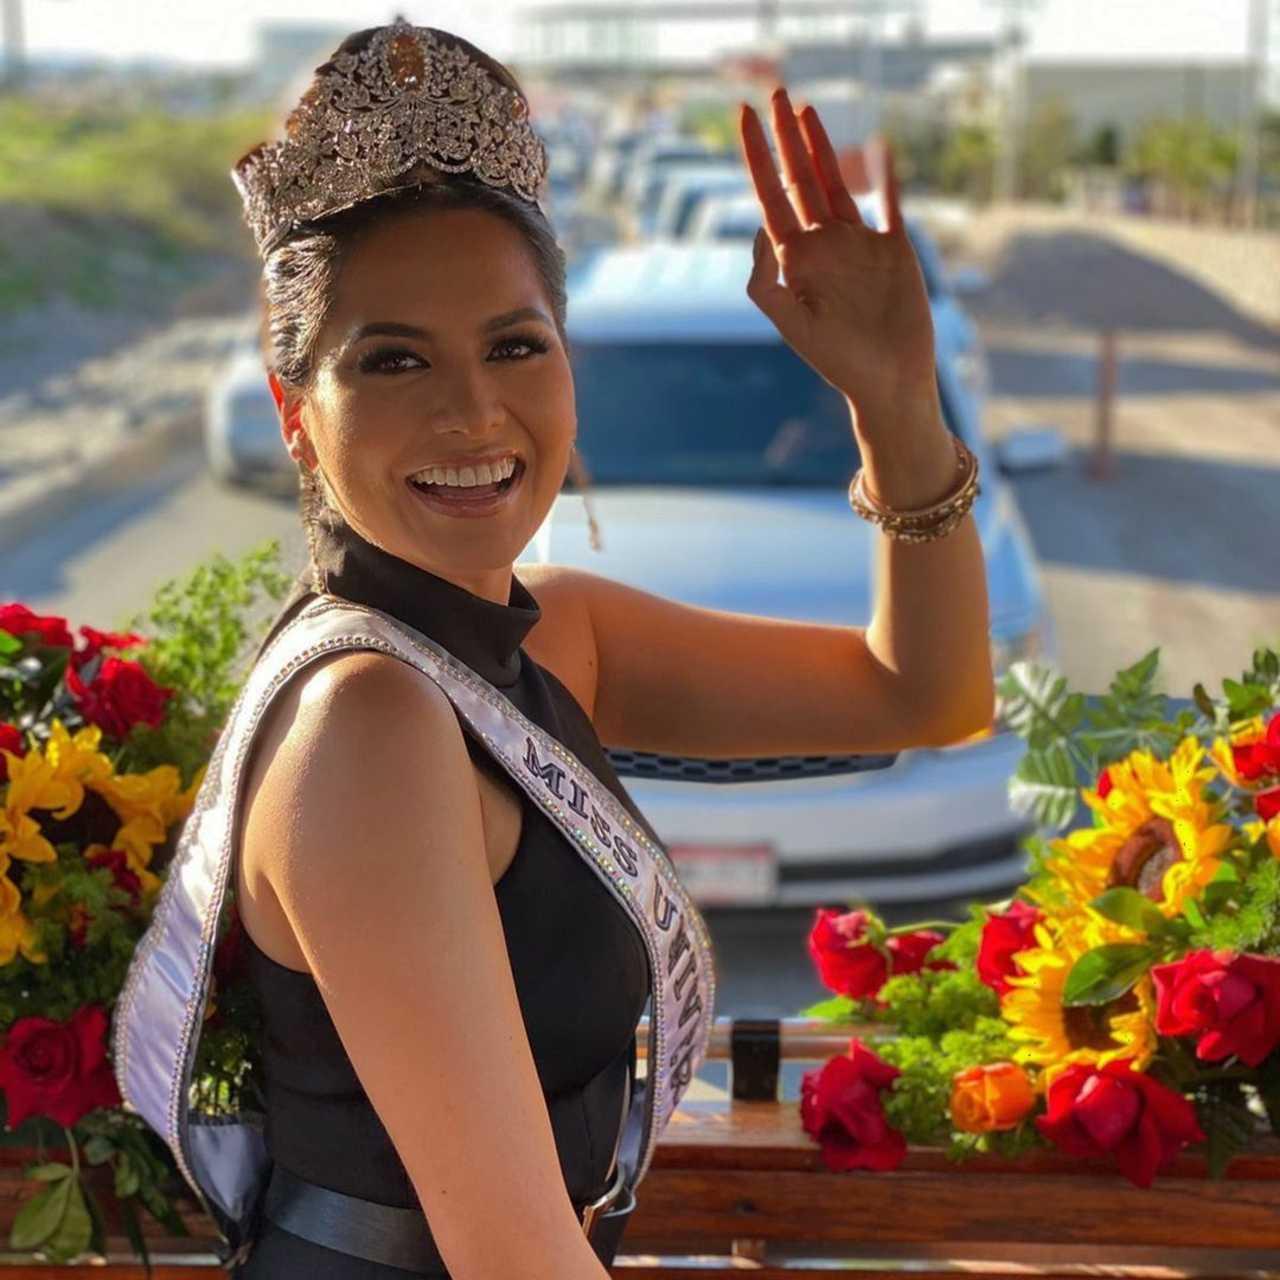 Oaxaca determina que concursos de belleza son violencia simbólica